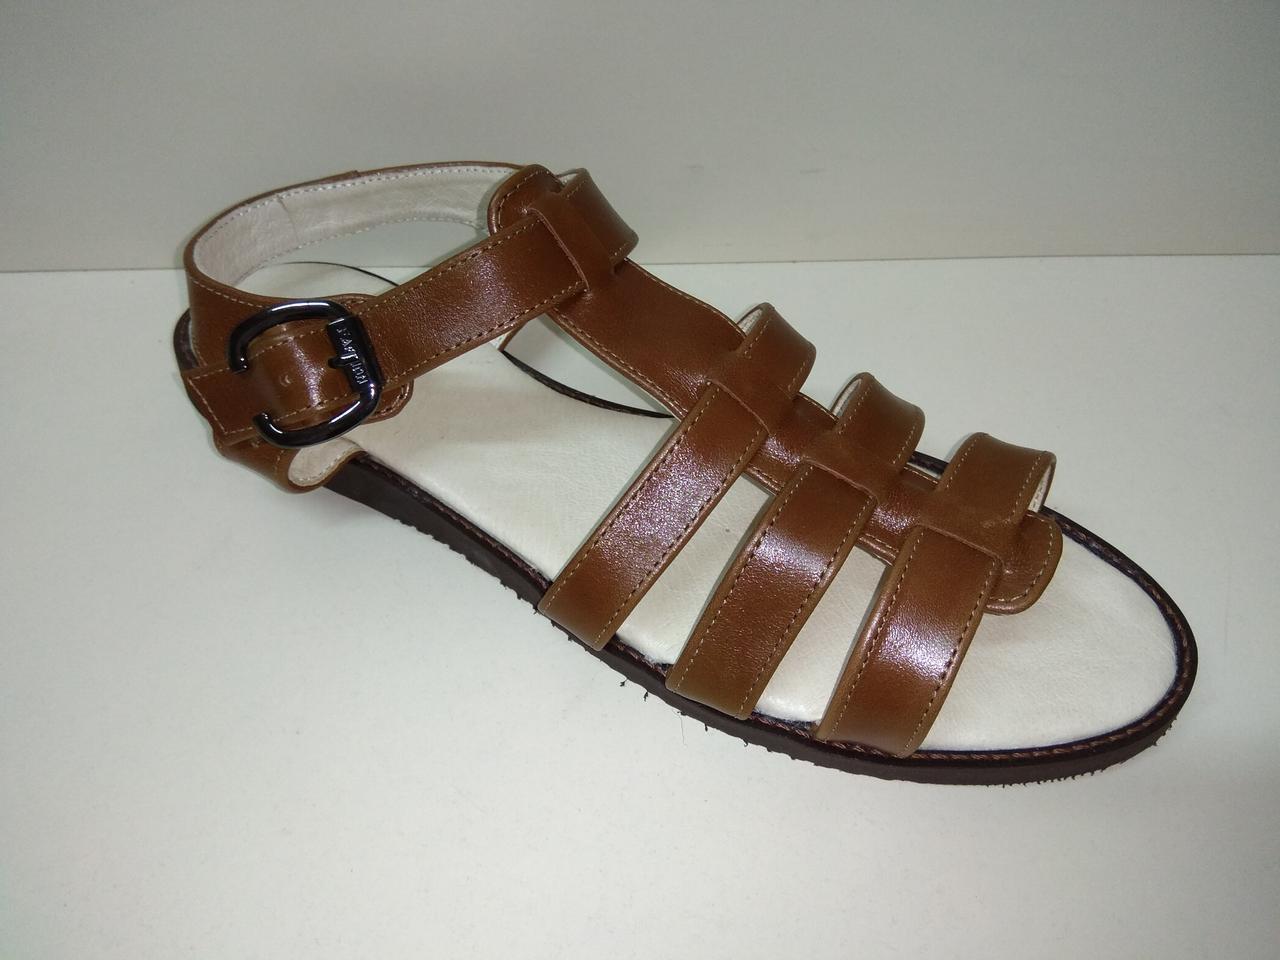 Босоножки сандалии женские рр. 42-44 натуральная кожа цвет коричневый рыжий размер  42 43 03aa2b98f68db